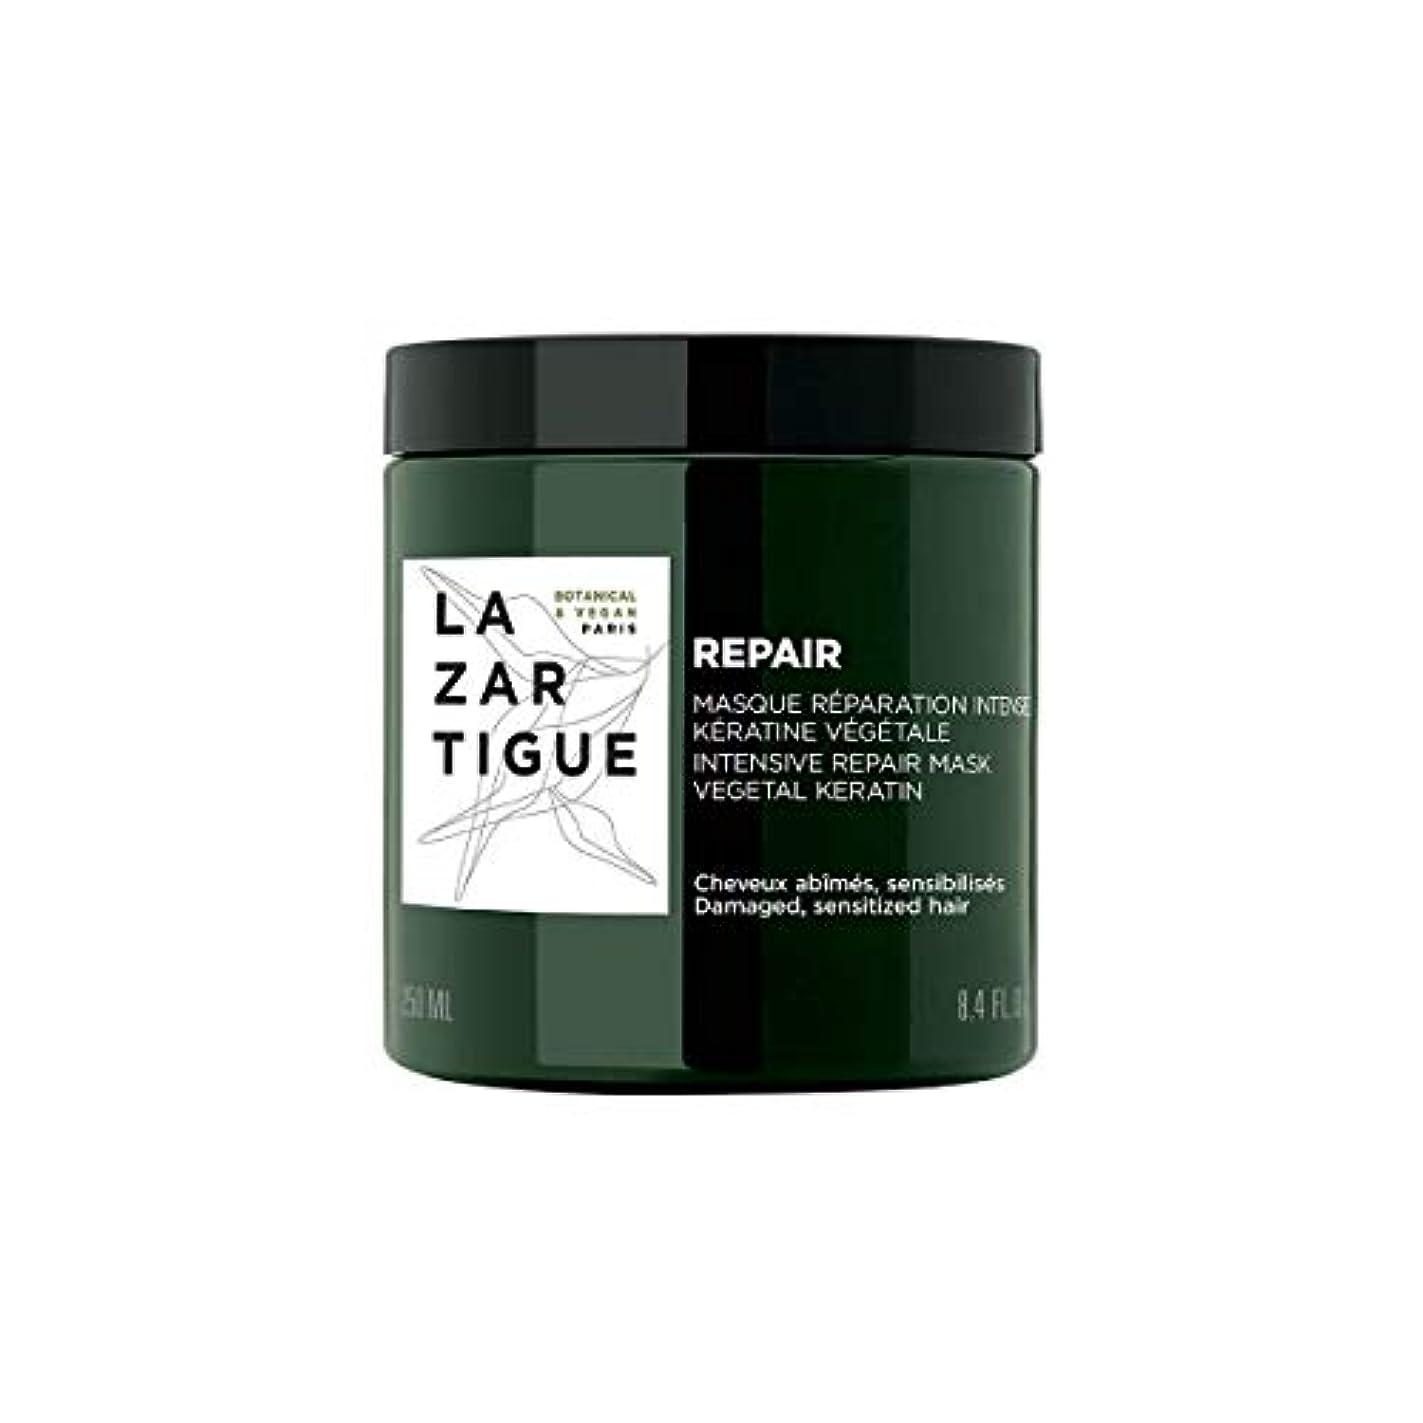 文字通り空洞を除くLazartigue栄養高栄養マスクシアバタードライで太い髪250 ml